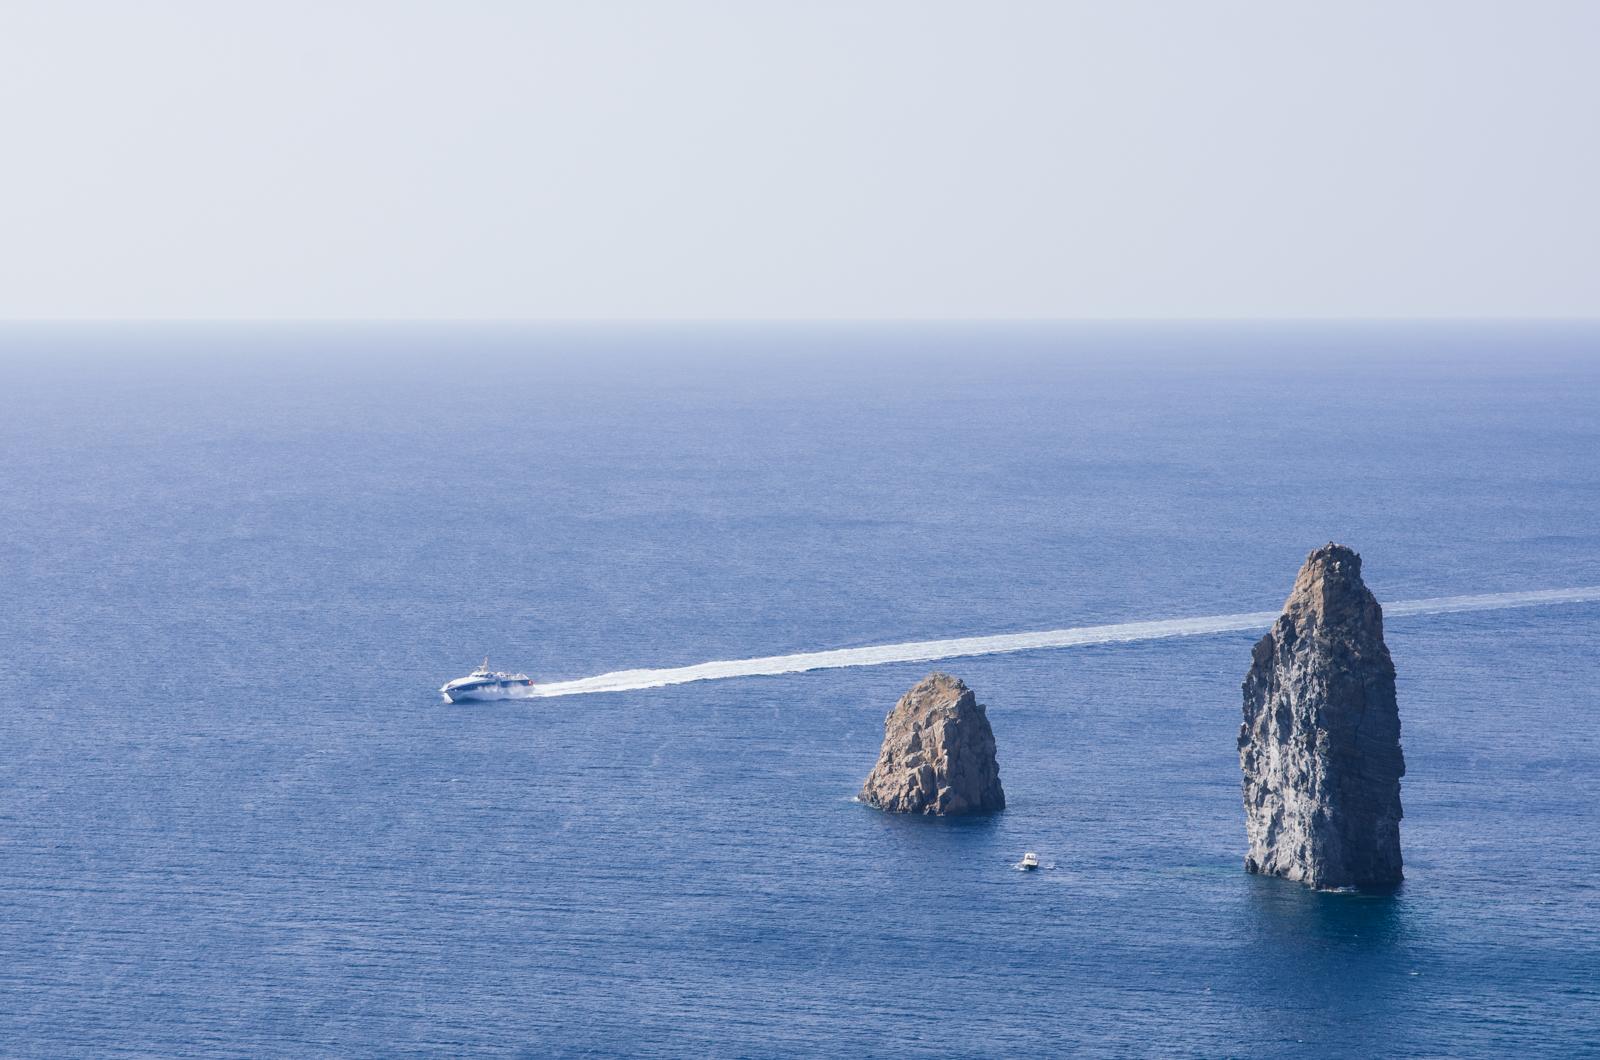 Îles éoliennes - L'aliscaf et les doigts d'éole